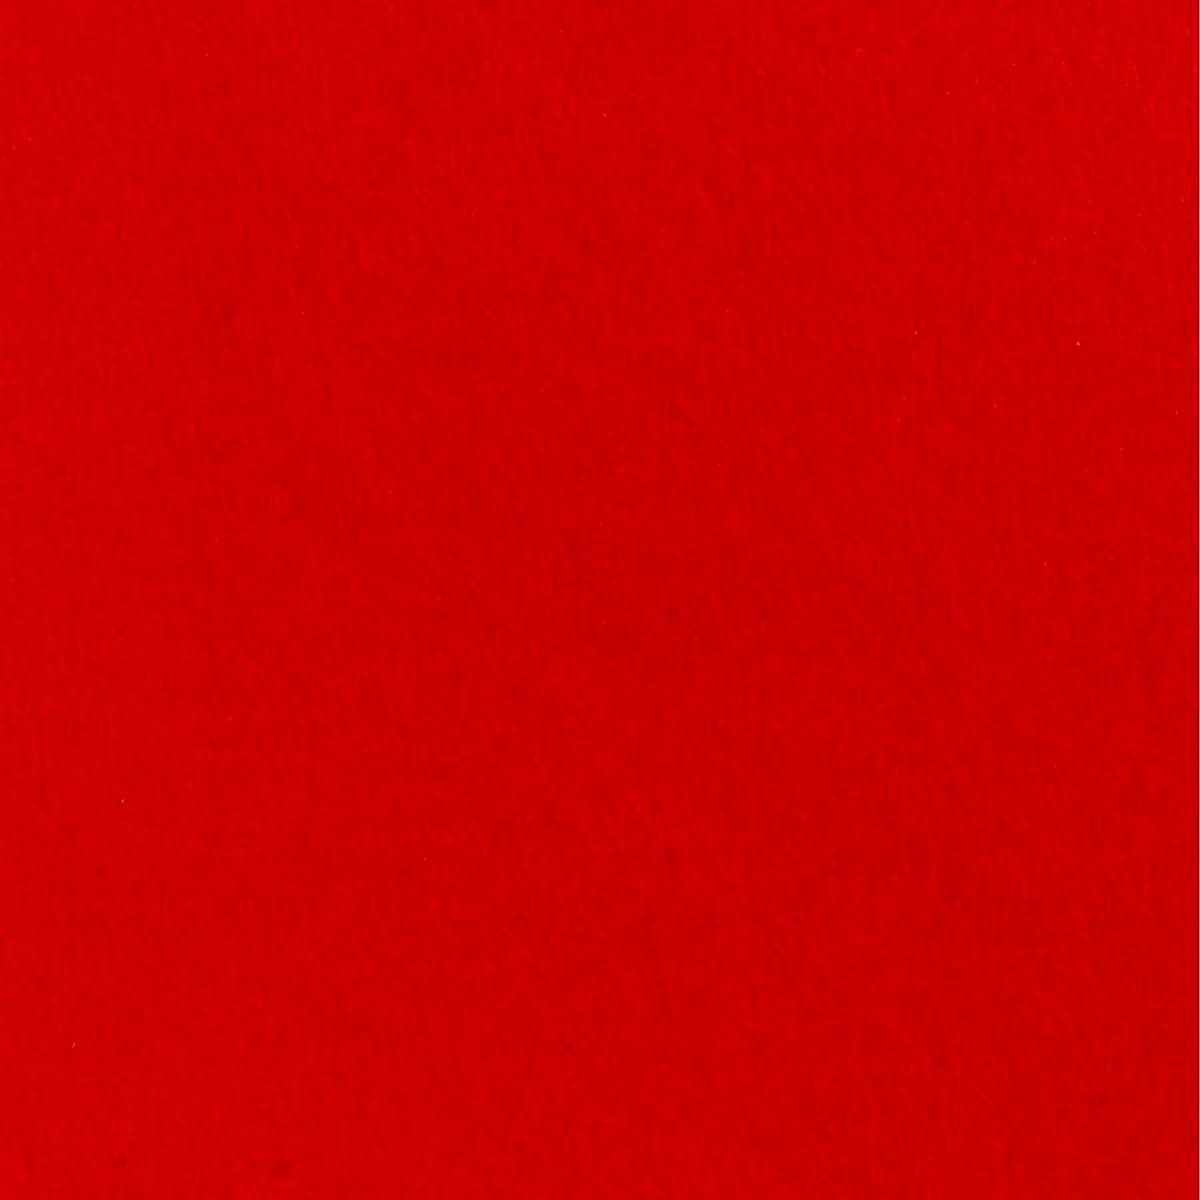 Röd [-3 280 kr]